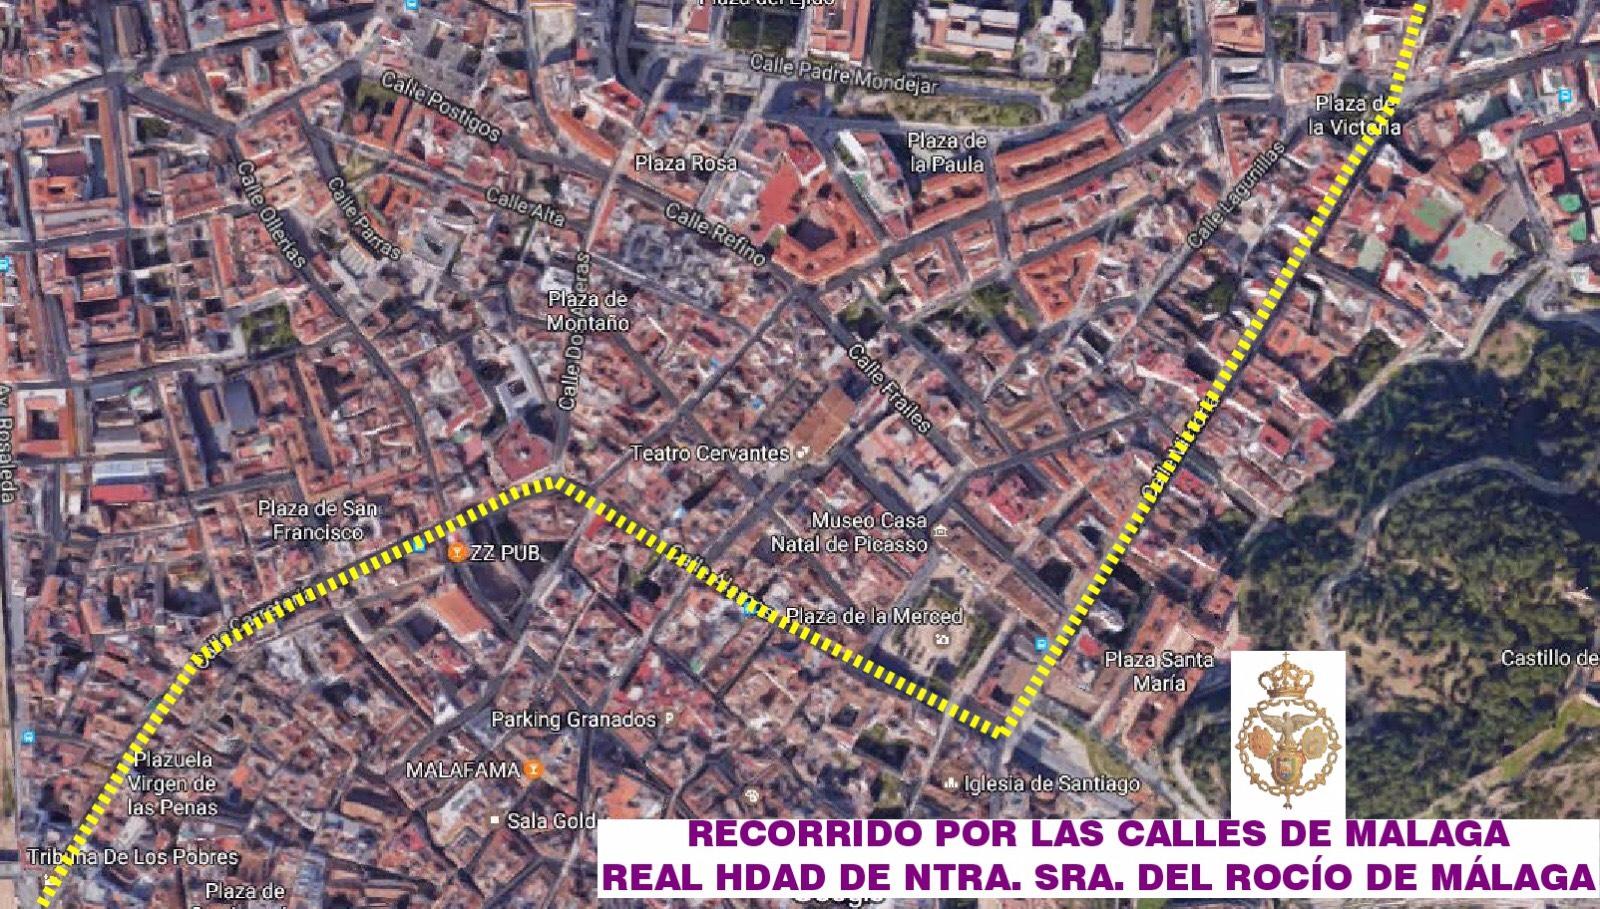 Recorrido Malaga 3